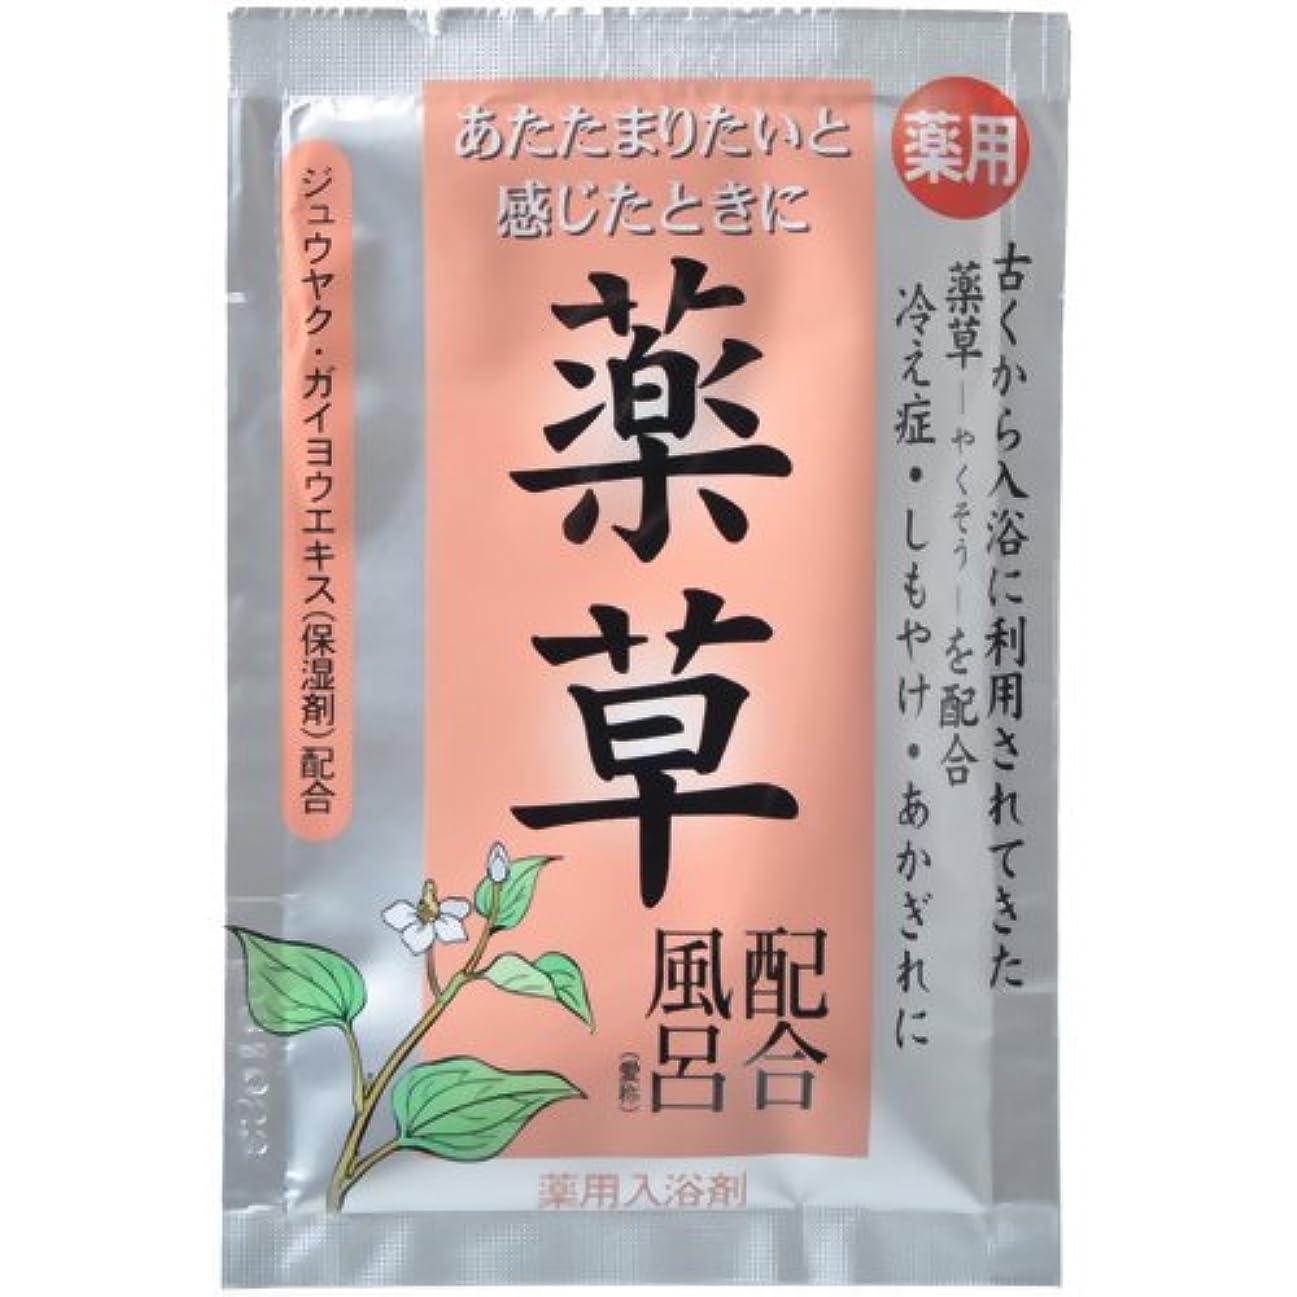 なので運営泣いている古風植物風呂 薬草配合風呂 25g(入浴剤)